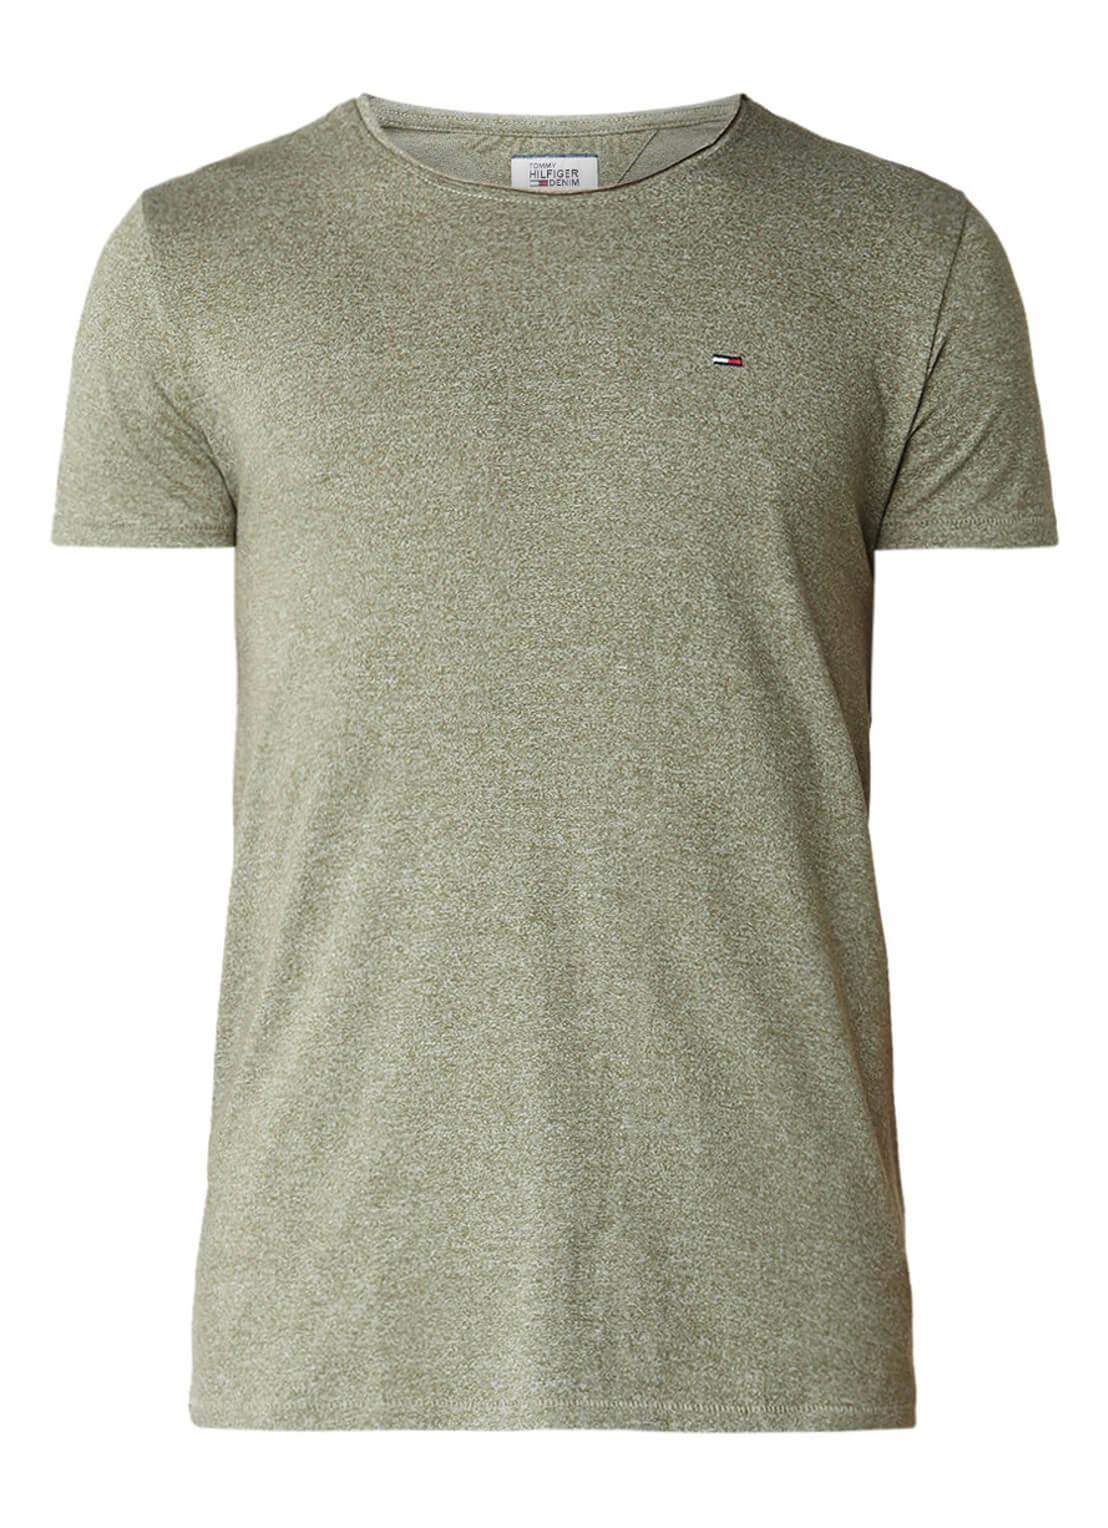 T-shirts - Mr.Draper